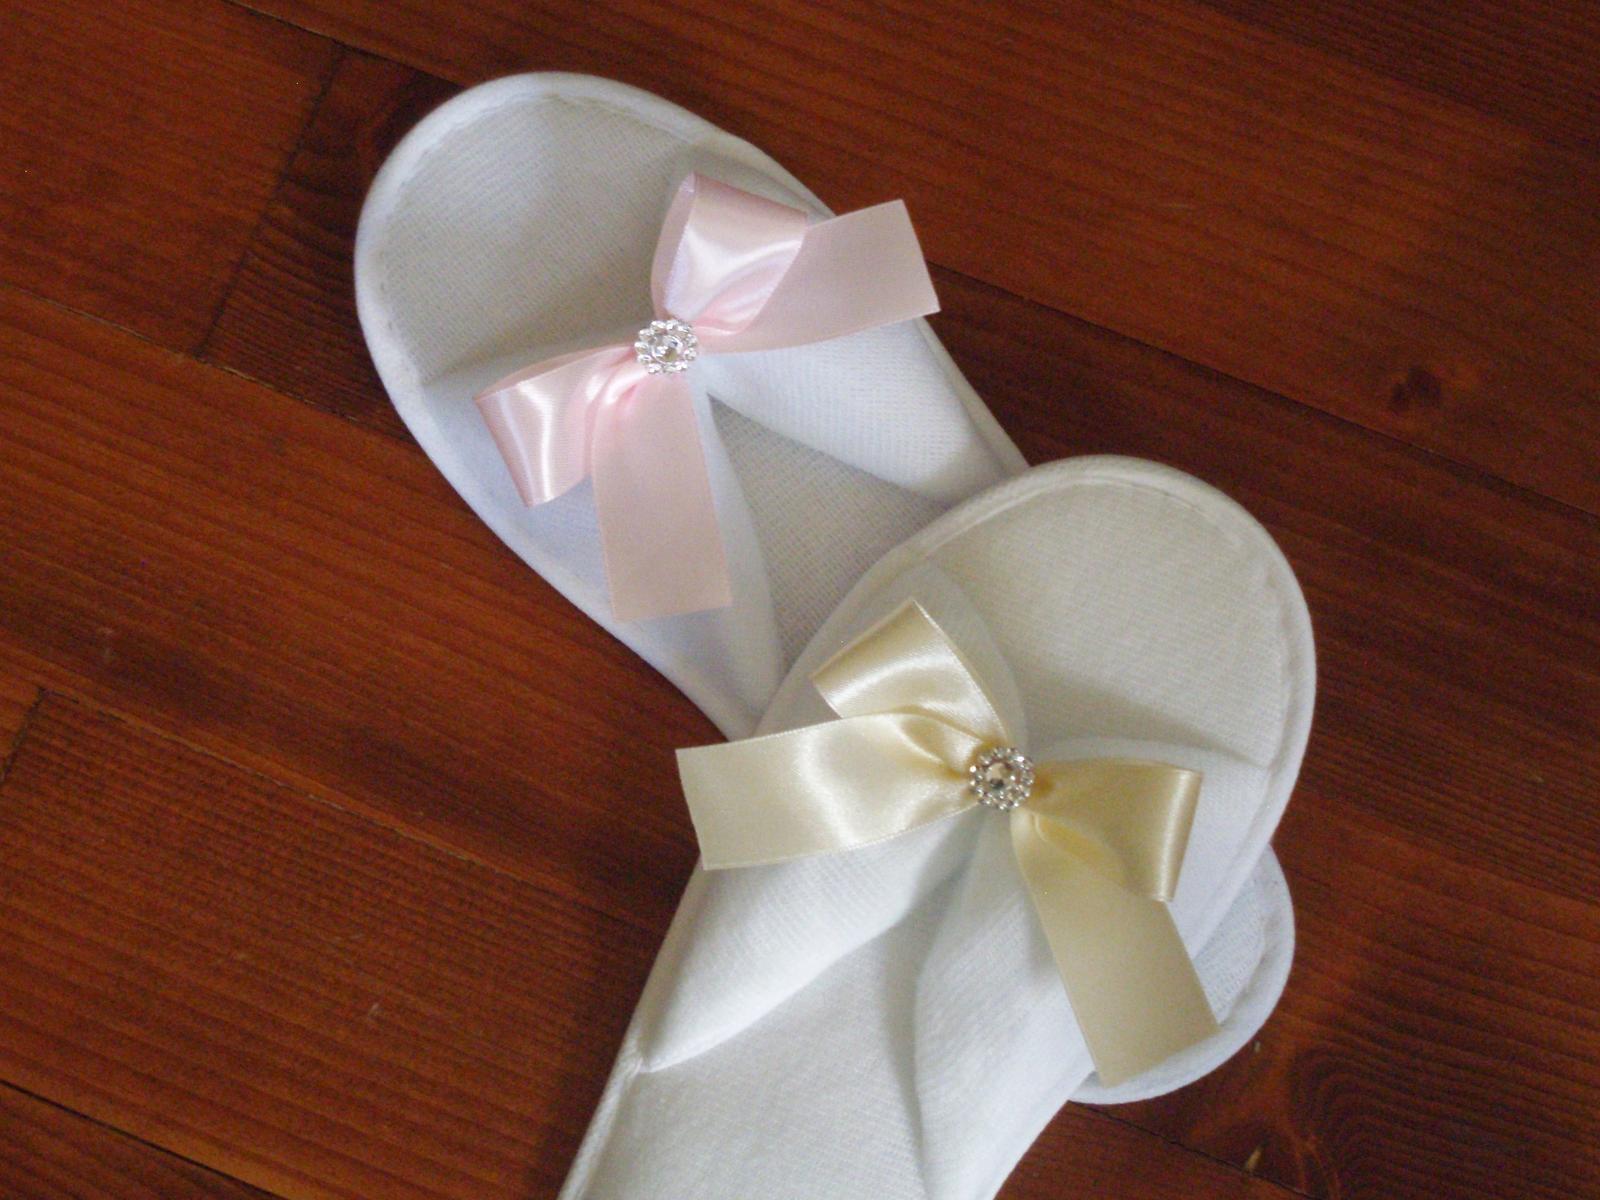 436. Svadobné papuče s mašľou a štrasovou ozdobou - Obrázok č. 1